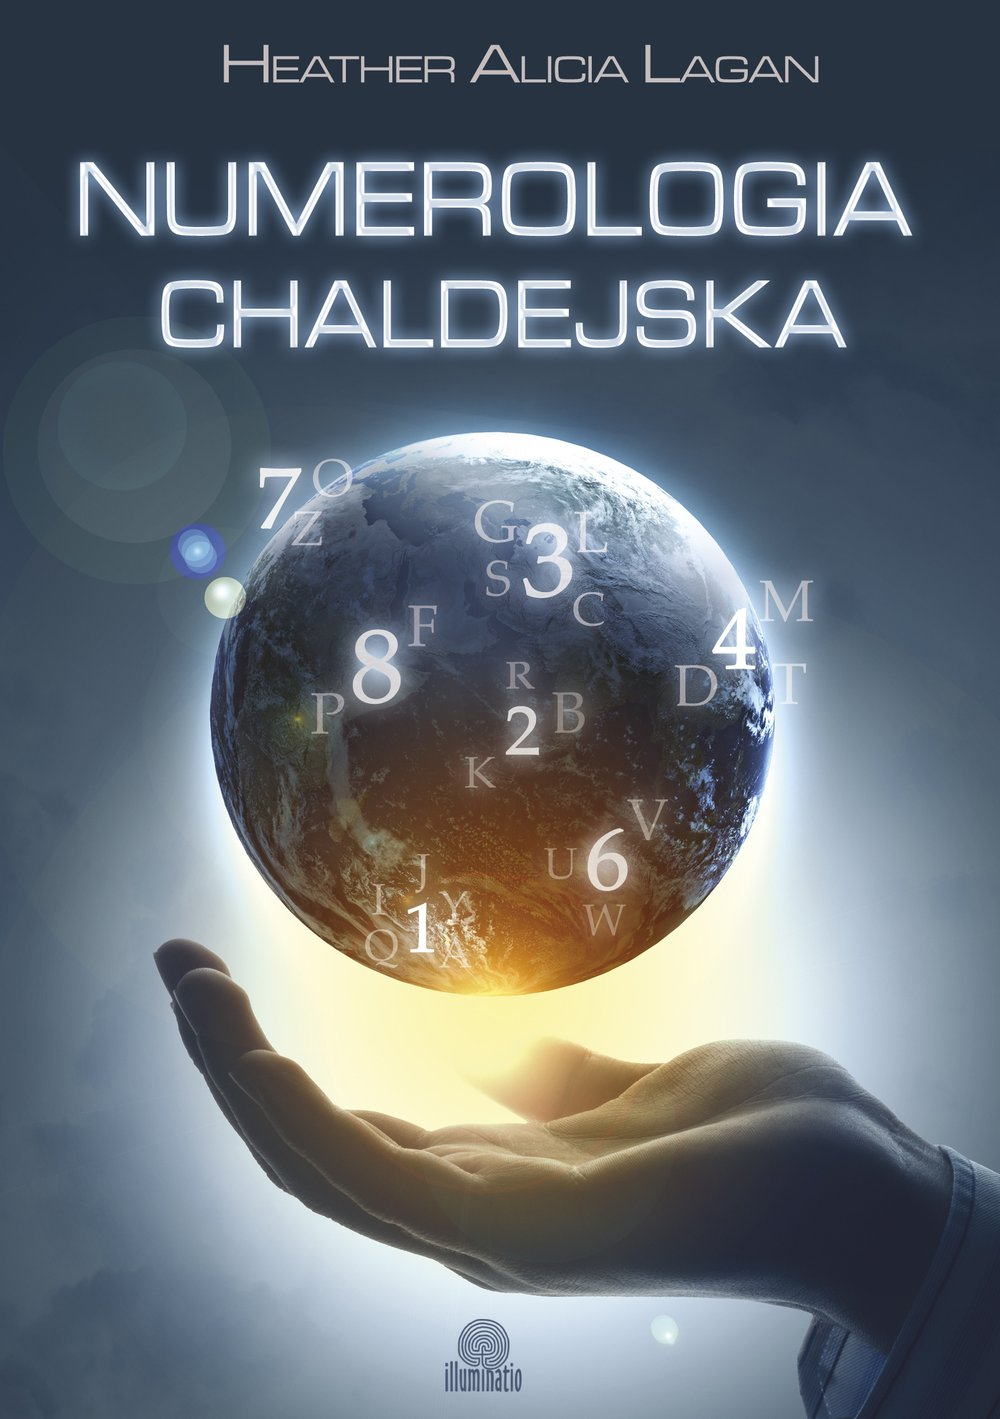 Numerologia chaldejska - Ebook (Książka EPUB) do pobrania w formacie EPUB